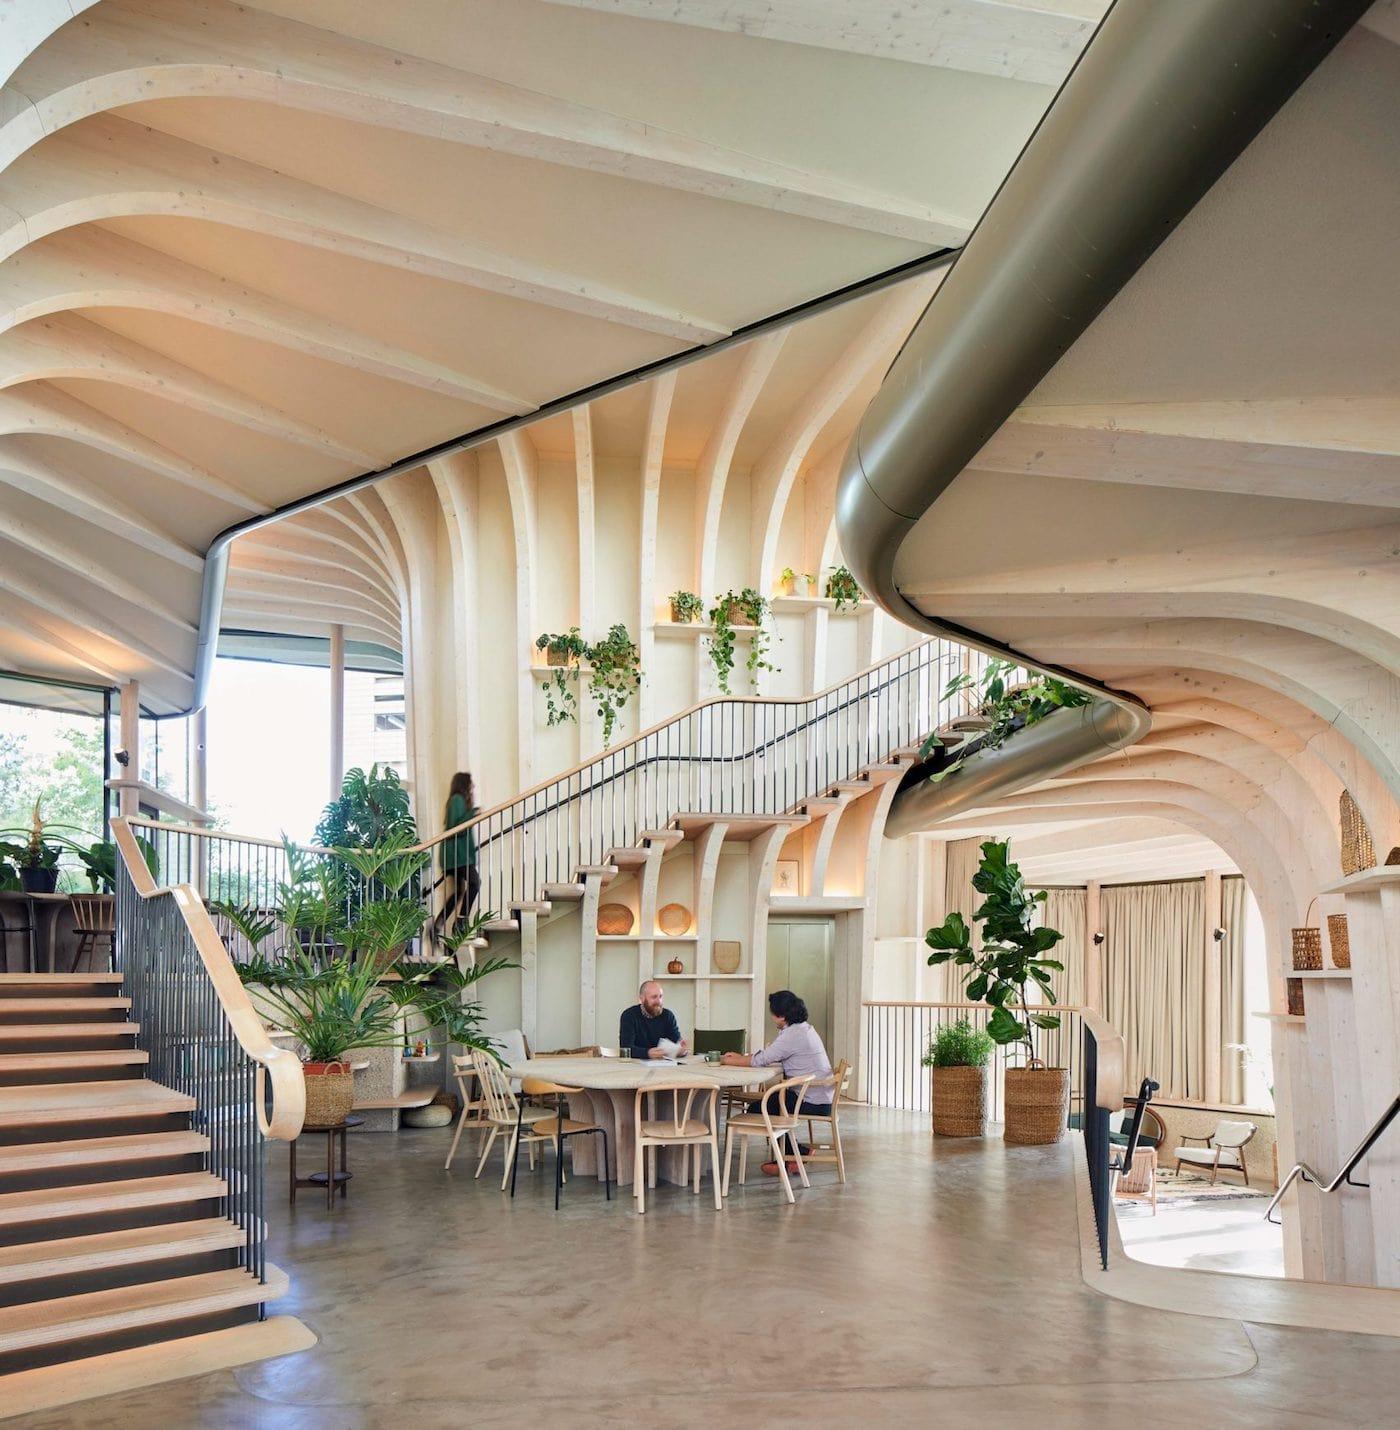 Eco Edition_Heatherwick Studio_Maggie's Leeds_Architecture interiors 15-min